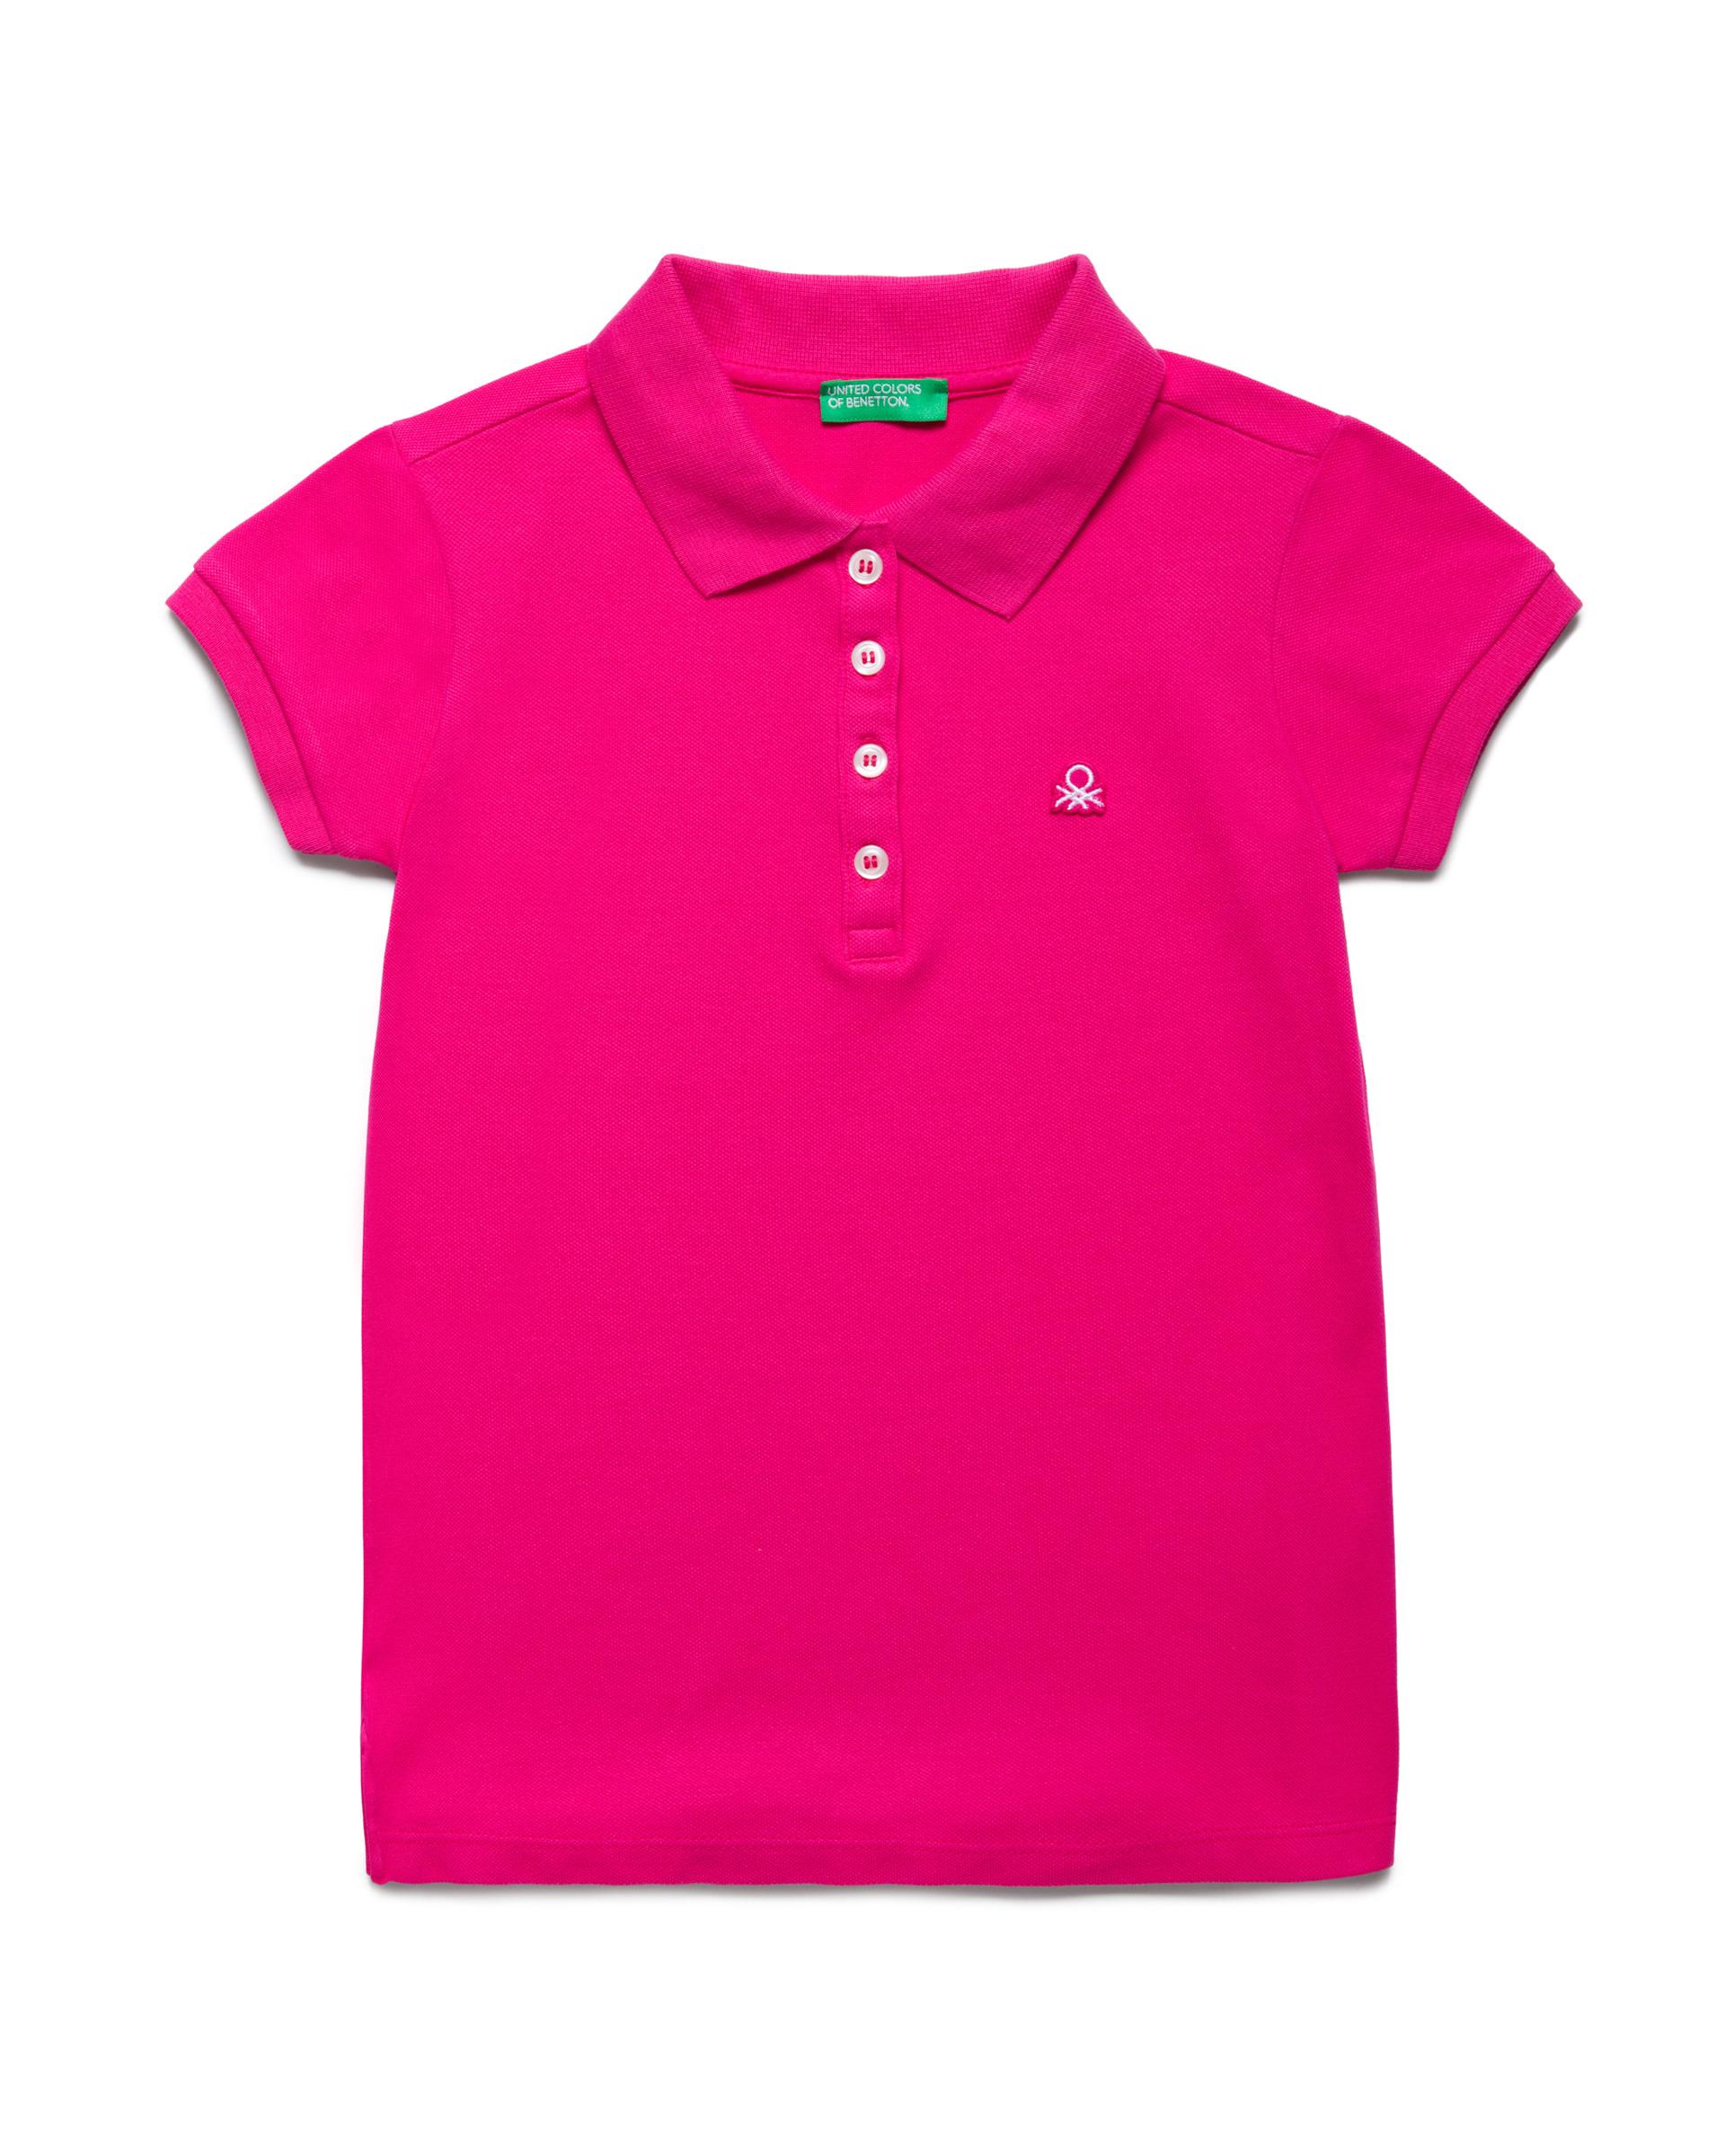 Купить 20P_3WG9C3092_2L3, Поло-пике для девочек Benetton 3WG9C3092_2L3 р-р 152, United Colors of Benetton, Детские футболки